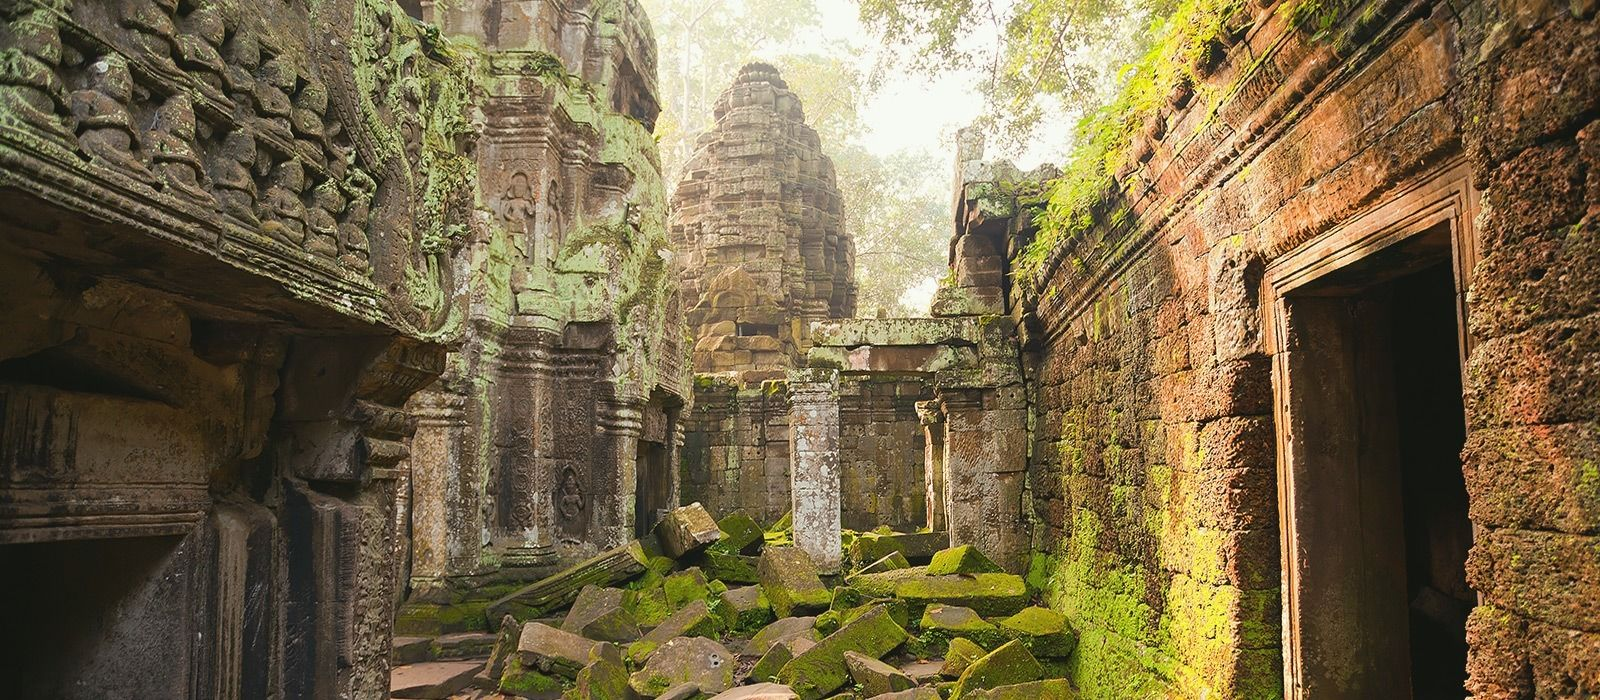 Kultur, Natur und Strände Südostasiens Urlaub 2